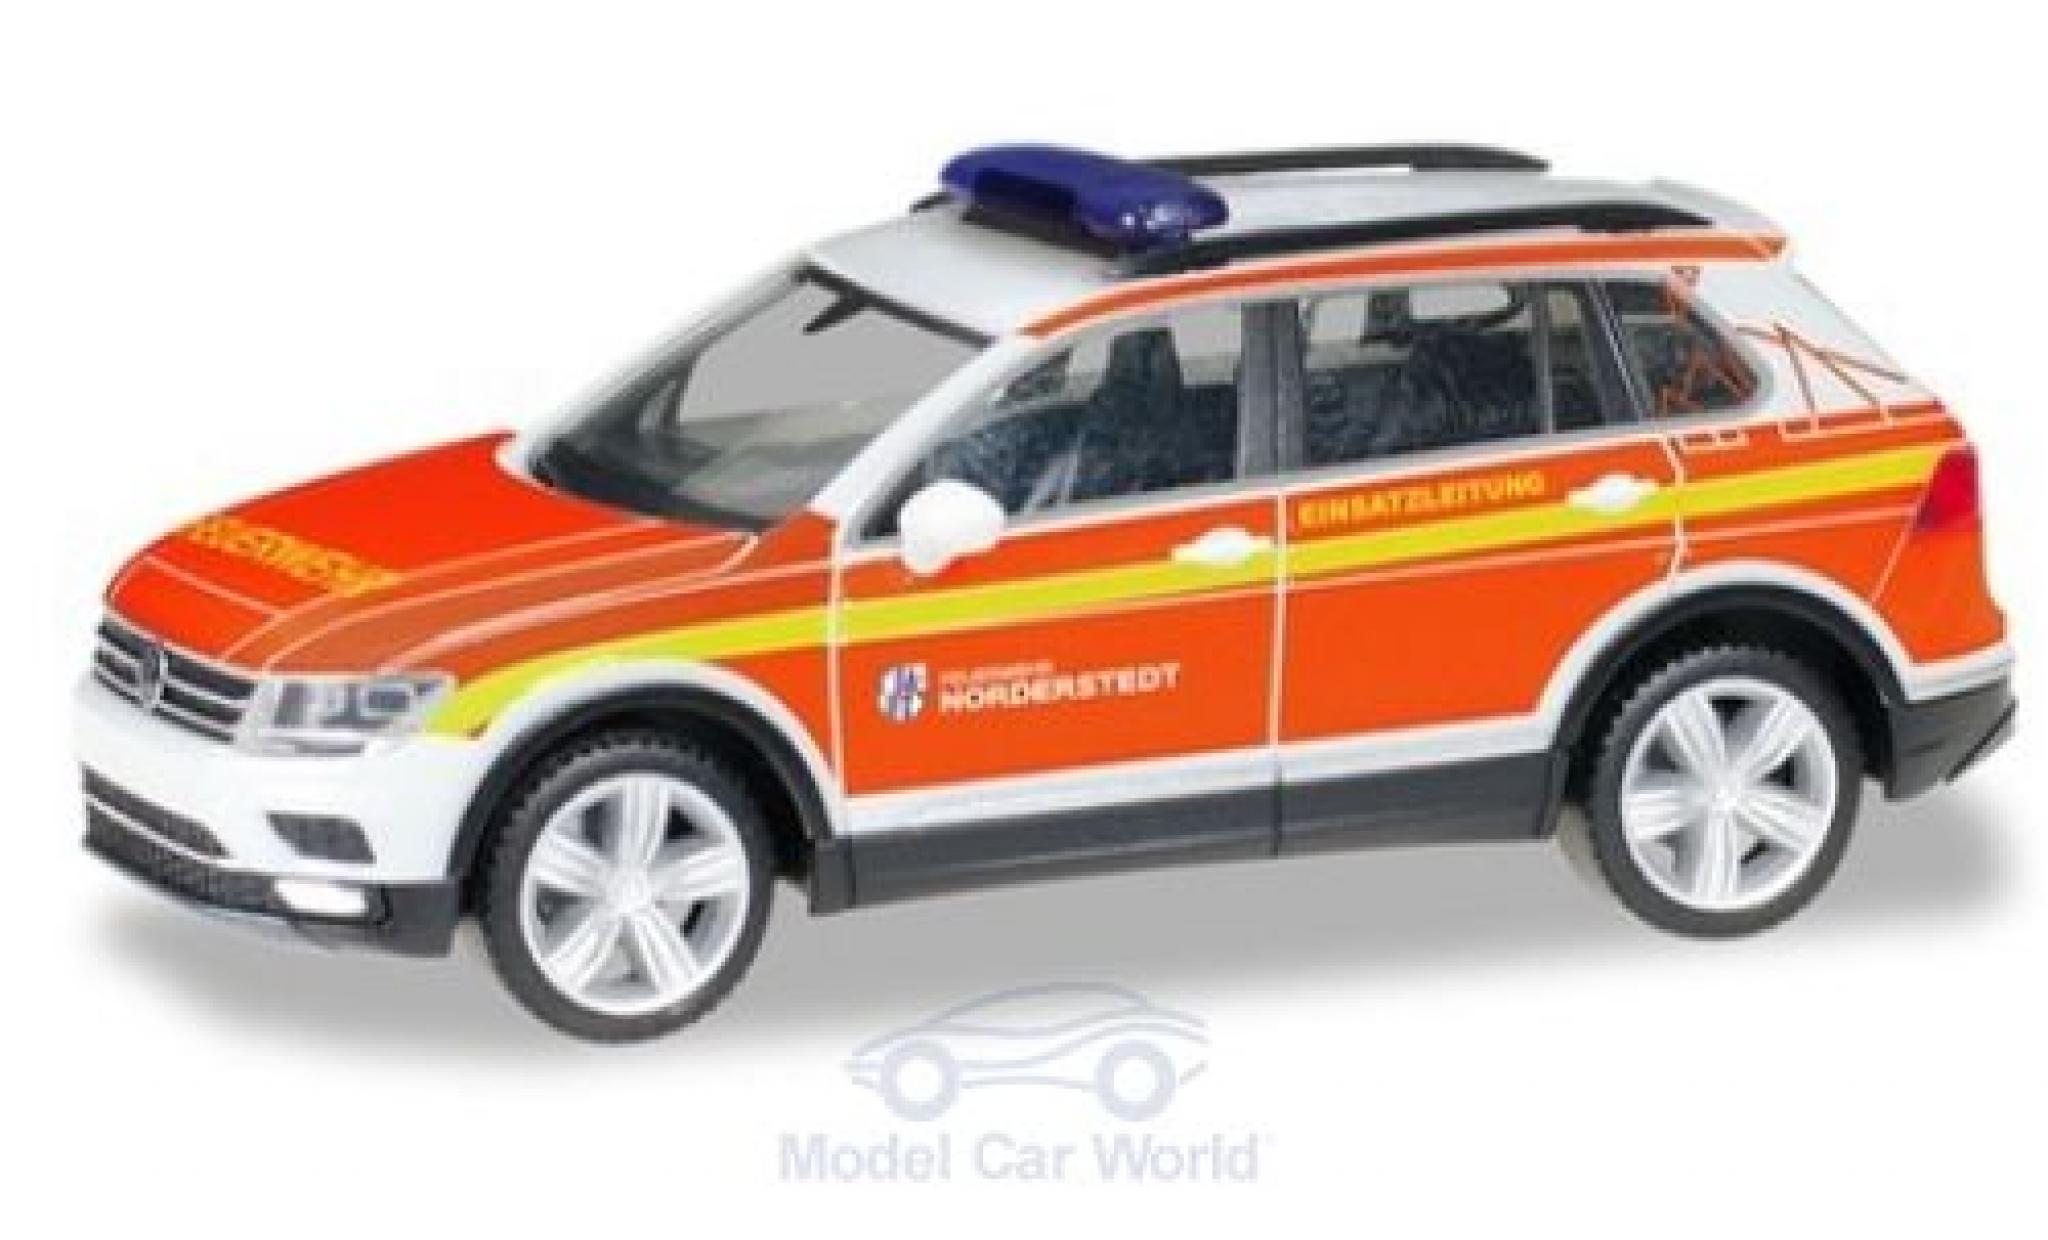 Volkswagen Tiguan 1/87 Herpa Freiwillige Feuerwehr Norderstedt Kommandofahrzeug